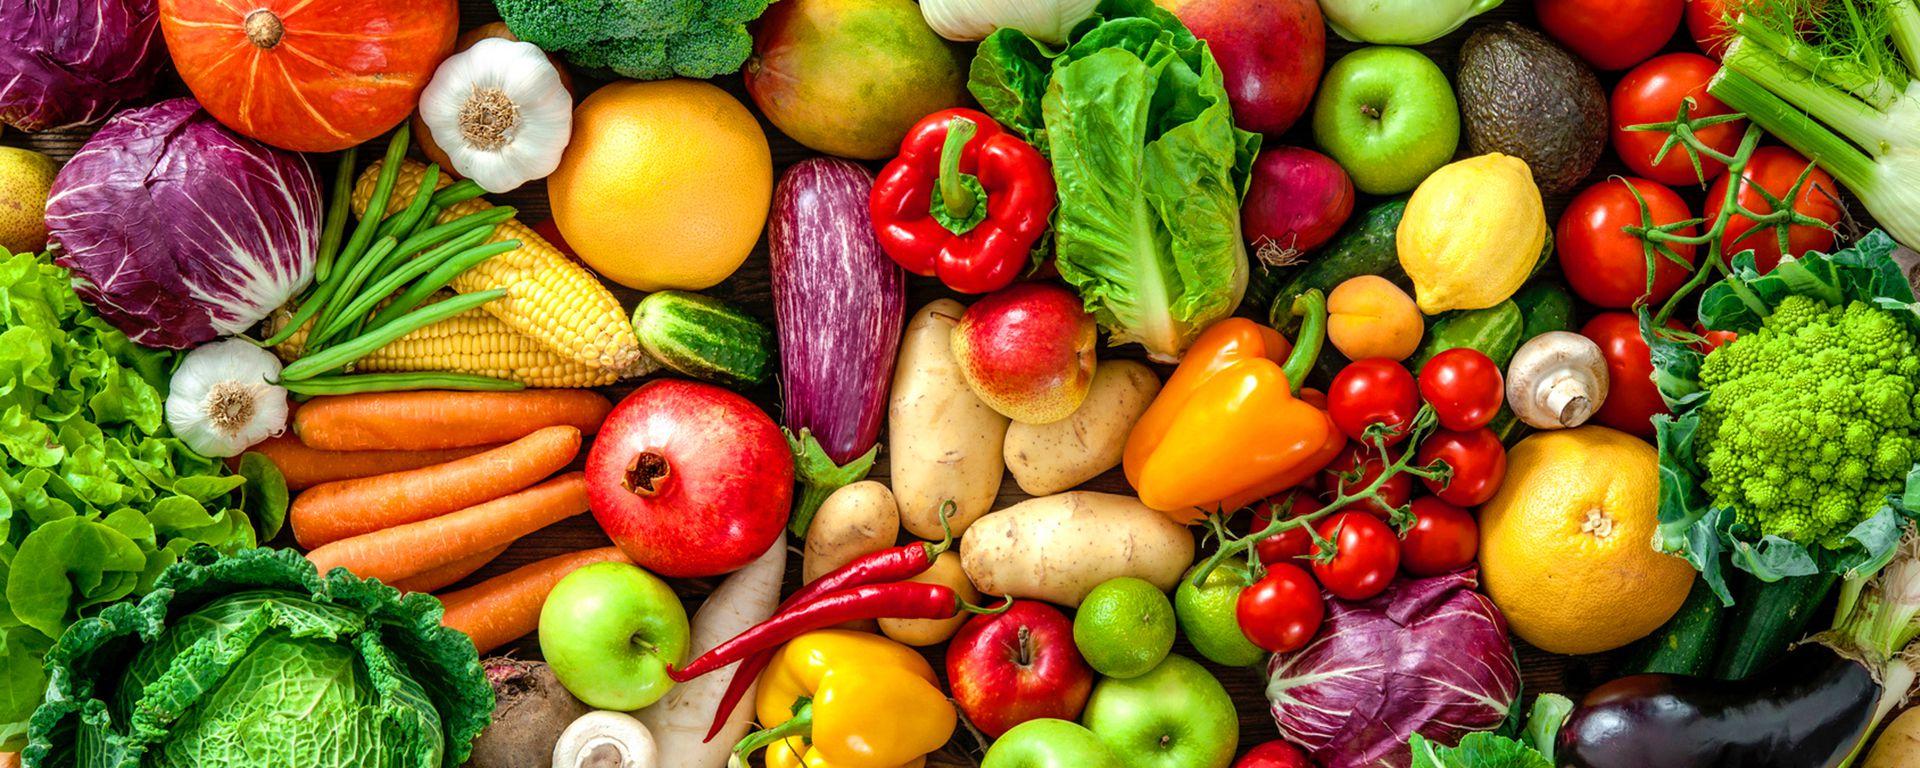 Mélange coloré fruits et légumes